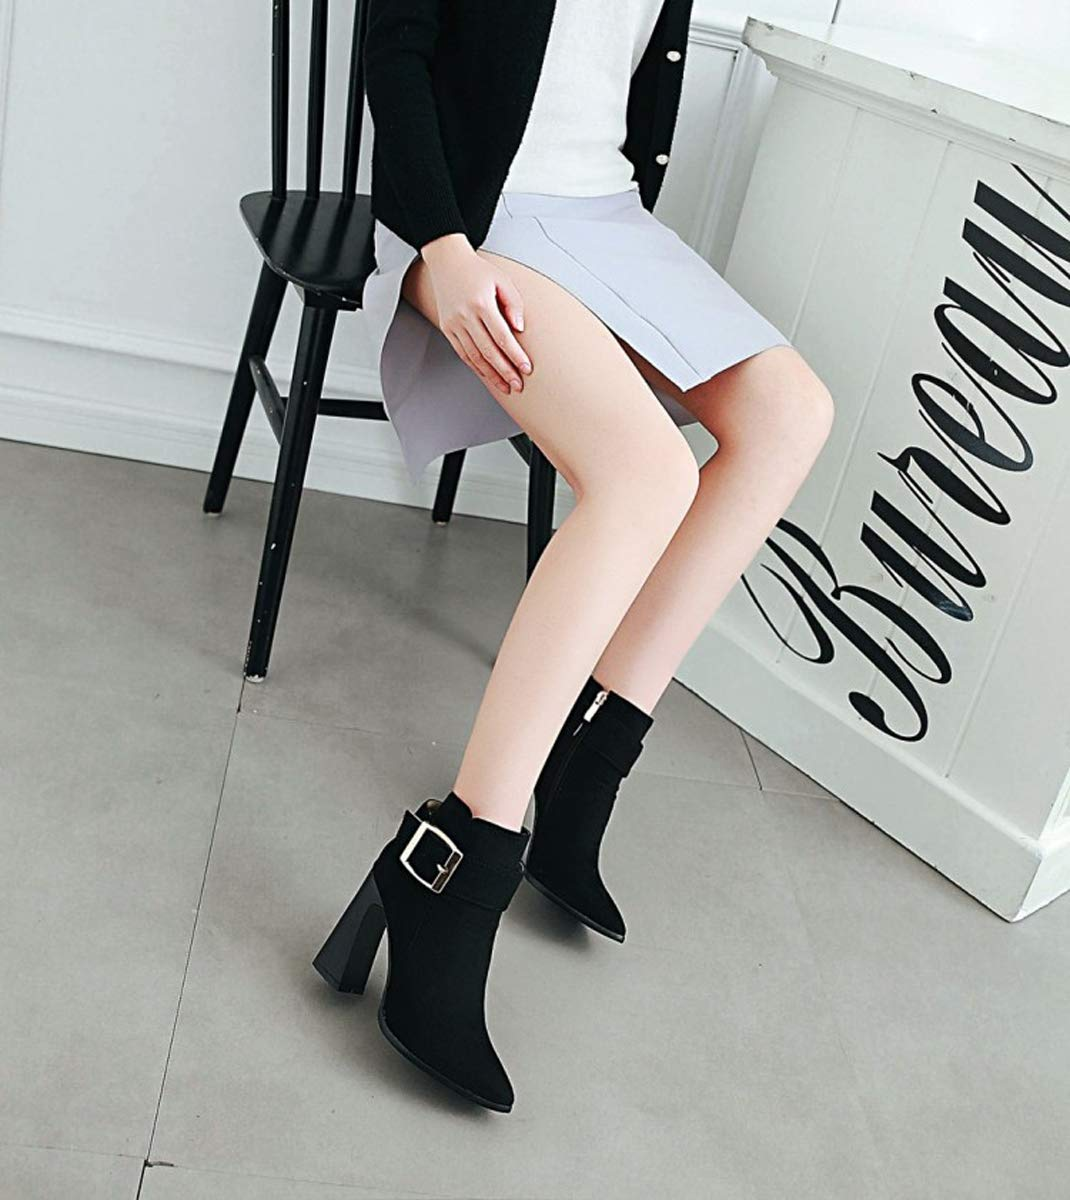 Adong Kurze Stiefel für für für Frauen Suede Martin Rain Stiefel Lining Baumwoll-Zipper Nonslip Work schuhe für Frauen und Männer handgemacht,schwarz,38EU 8fdbc0